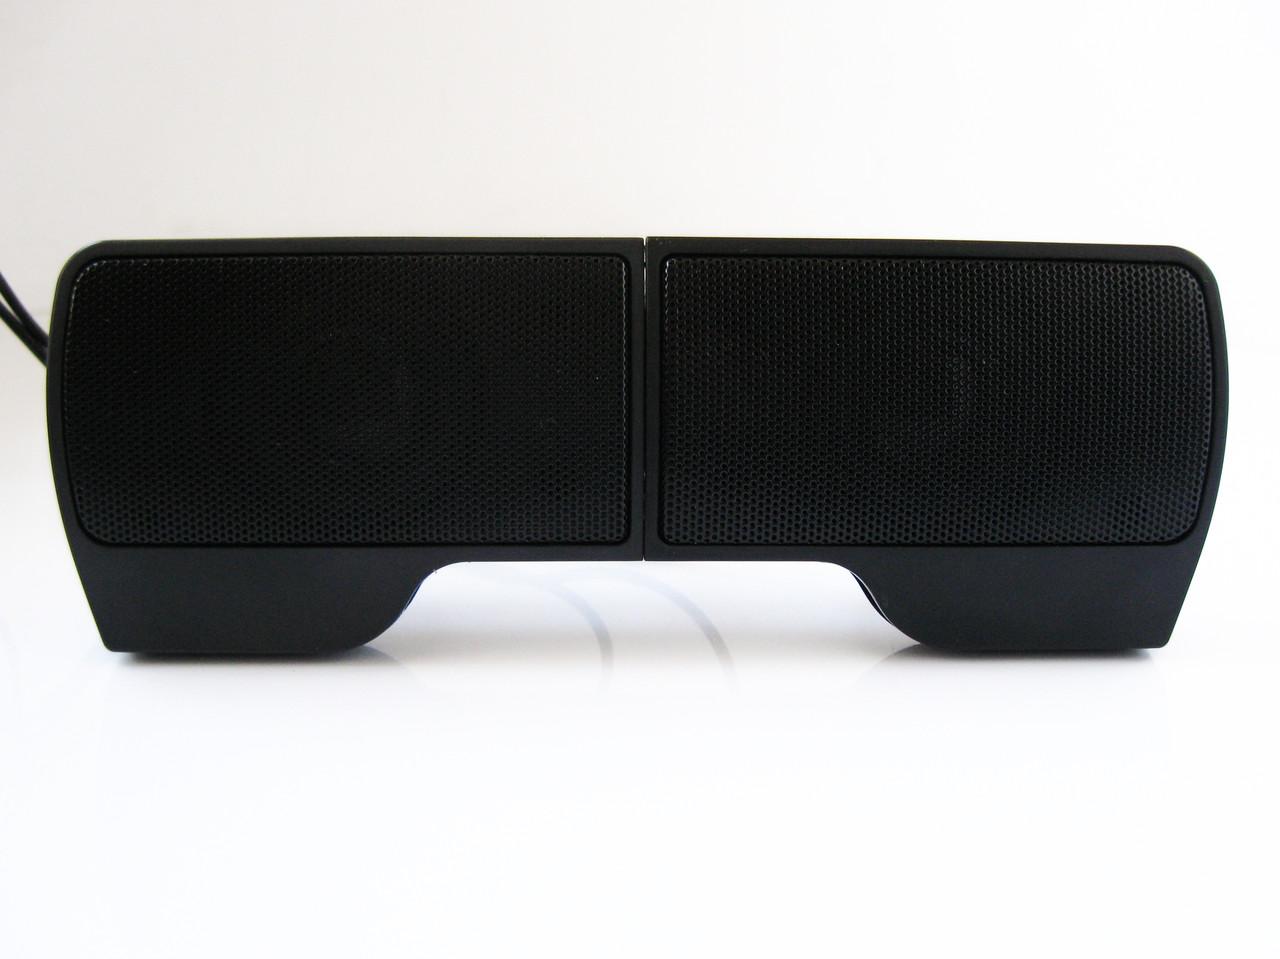 Компьютерные колонки 2.0, USB, 6 Вт, TRY SOUND CLIP, крепление на крышку ноутбука, черные, гарантия 12 мес